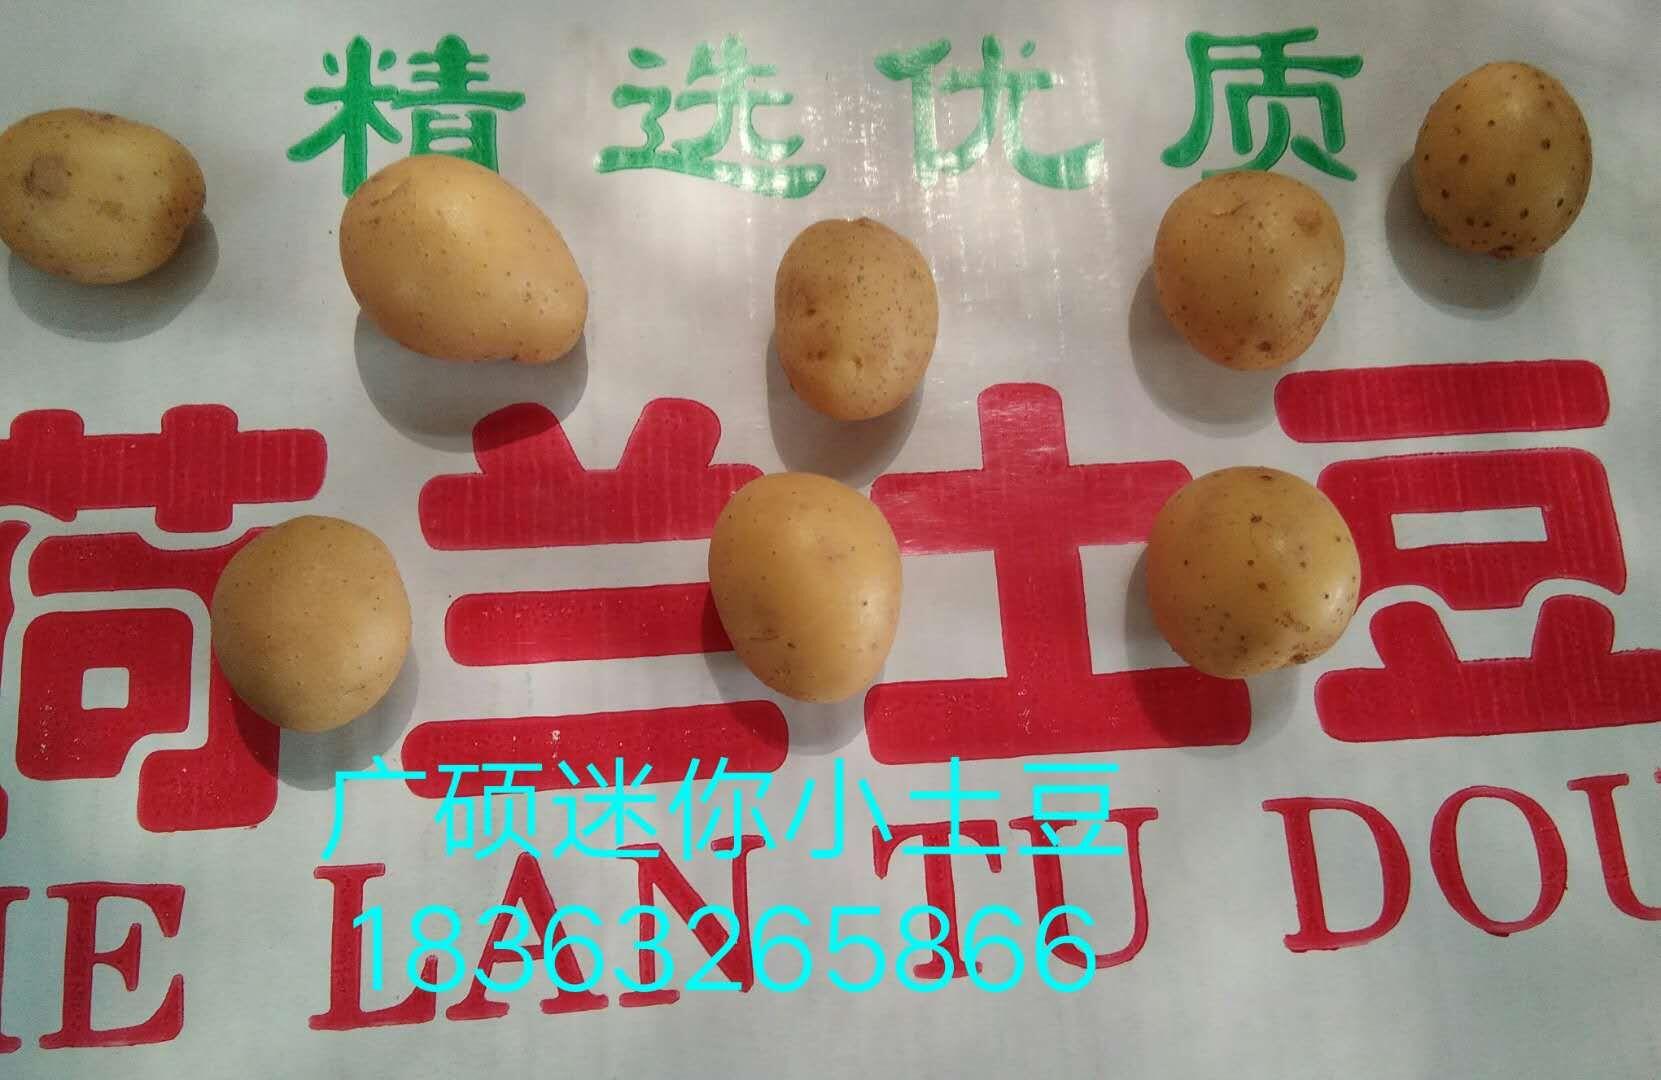 迷你小土豆上哪买比较实惠 促销迷你小土豆